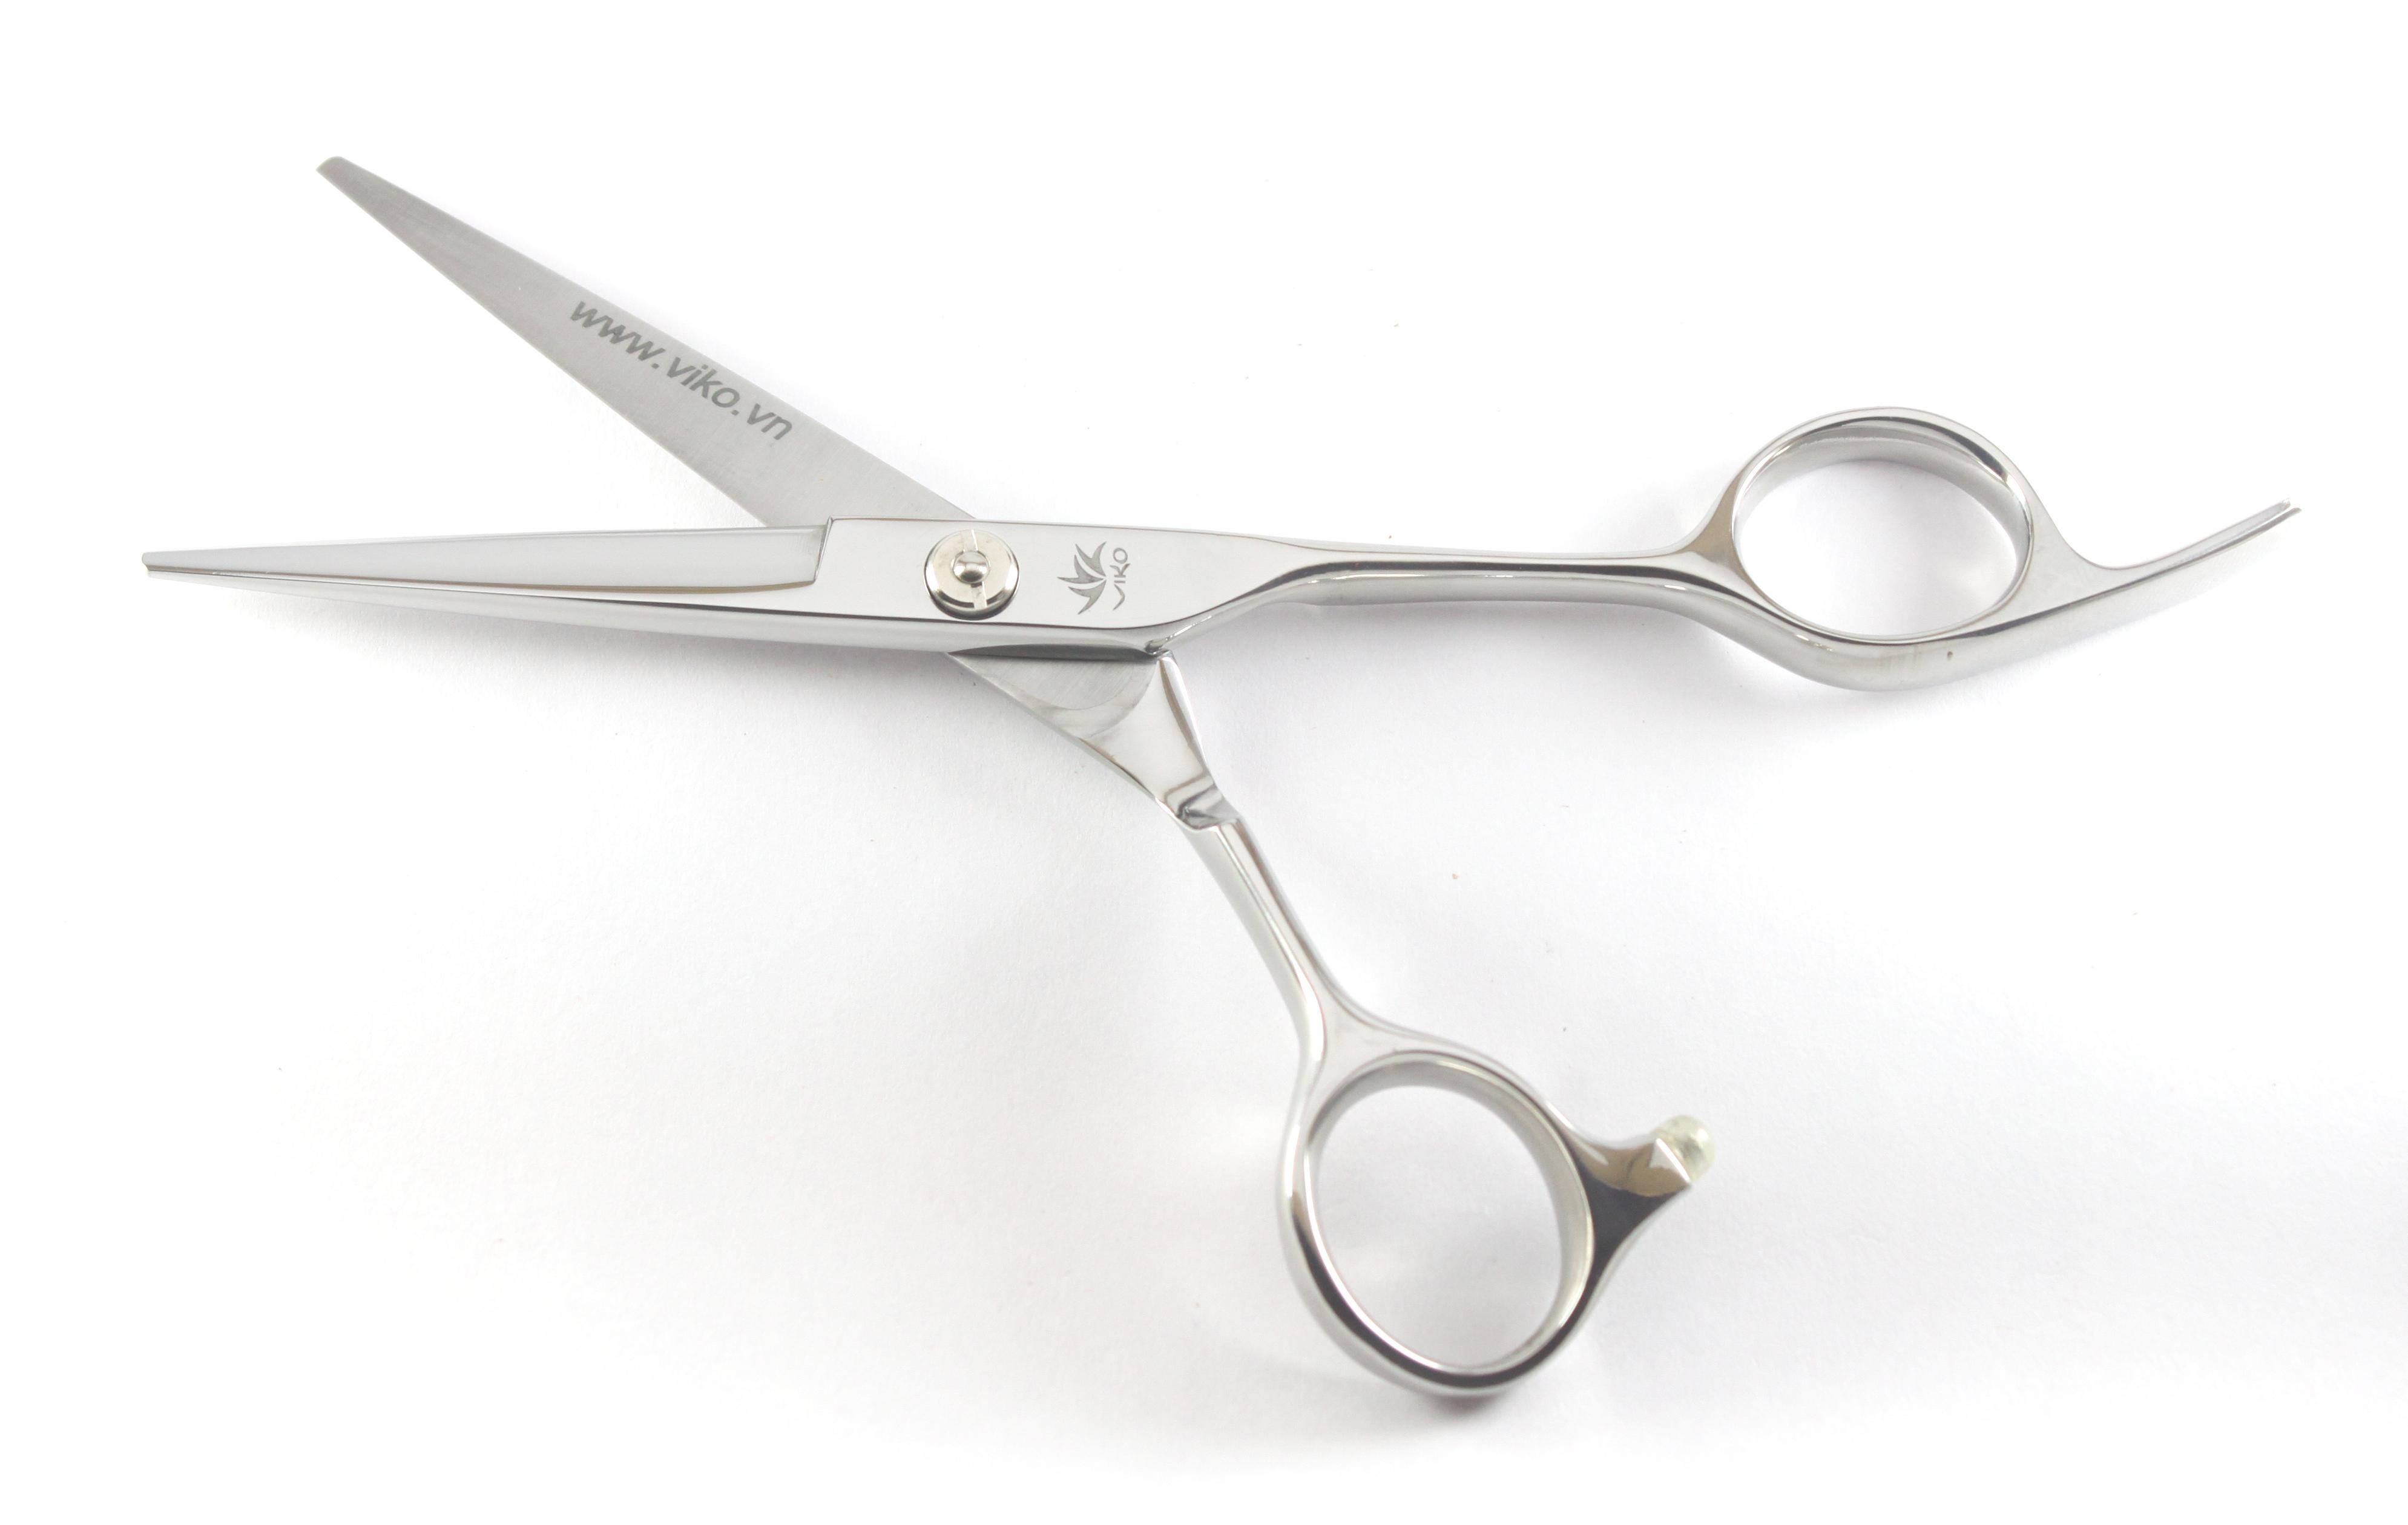 Kéo cắt viko SP-355 (1)